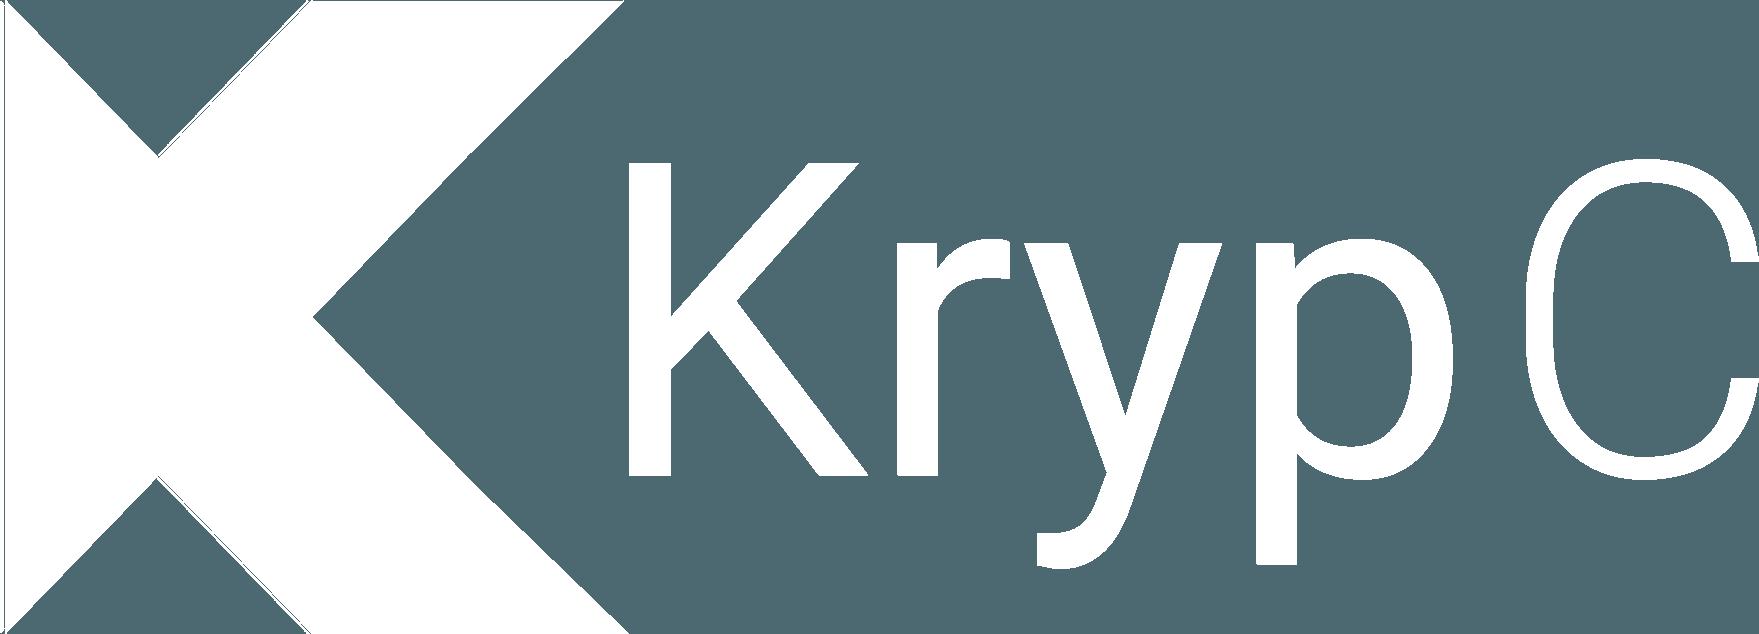 USERS Kryp C